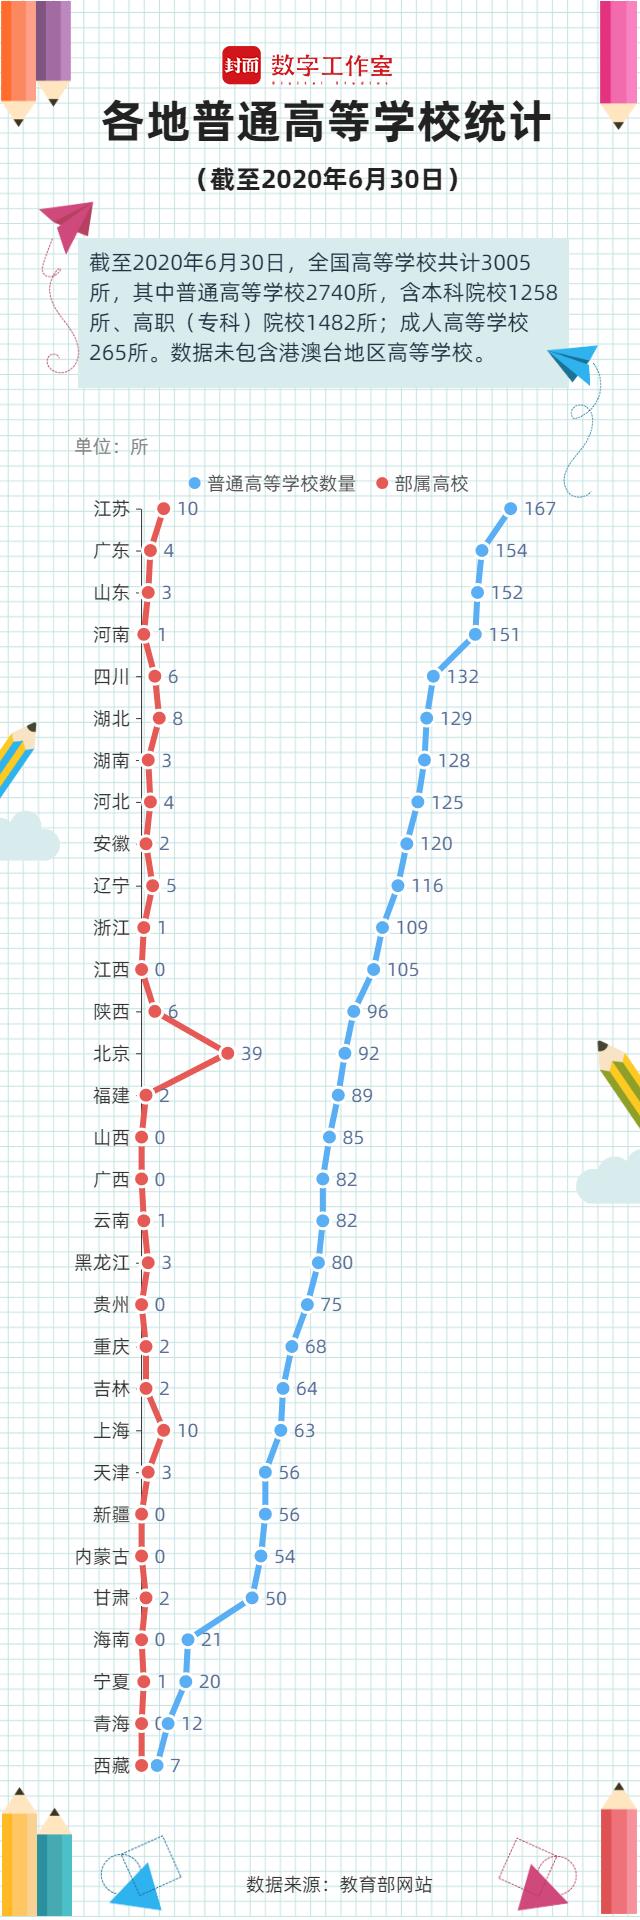 数读新闻|教育部公布全国普通高校名单:共2740所江苏数量最多